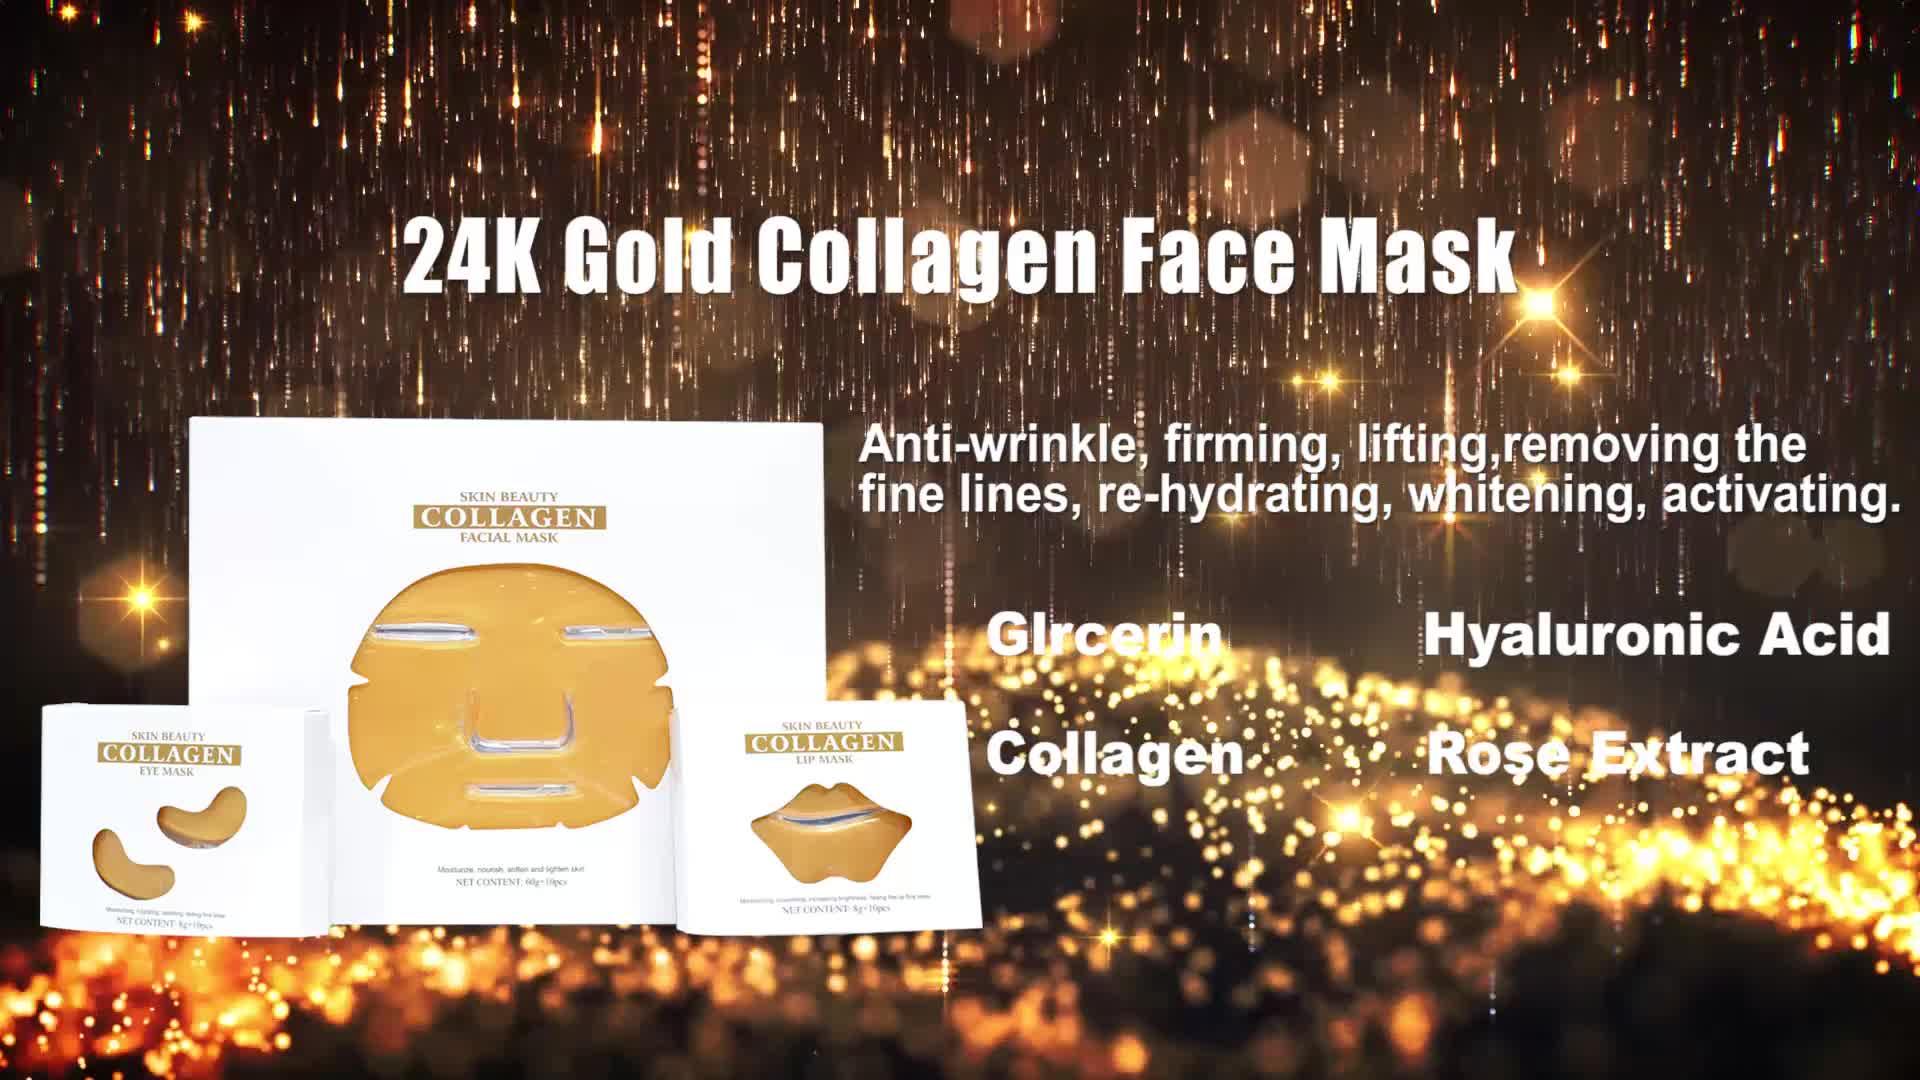 थोक निजी लेबल पौष्टिक 24 K सोने कोलेजन क्रिस्टल चेहरे का मुखौटा